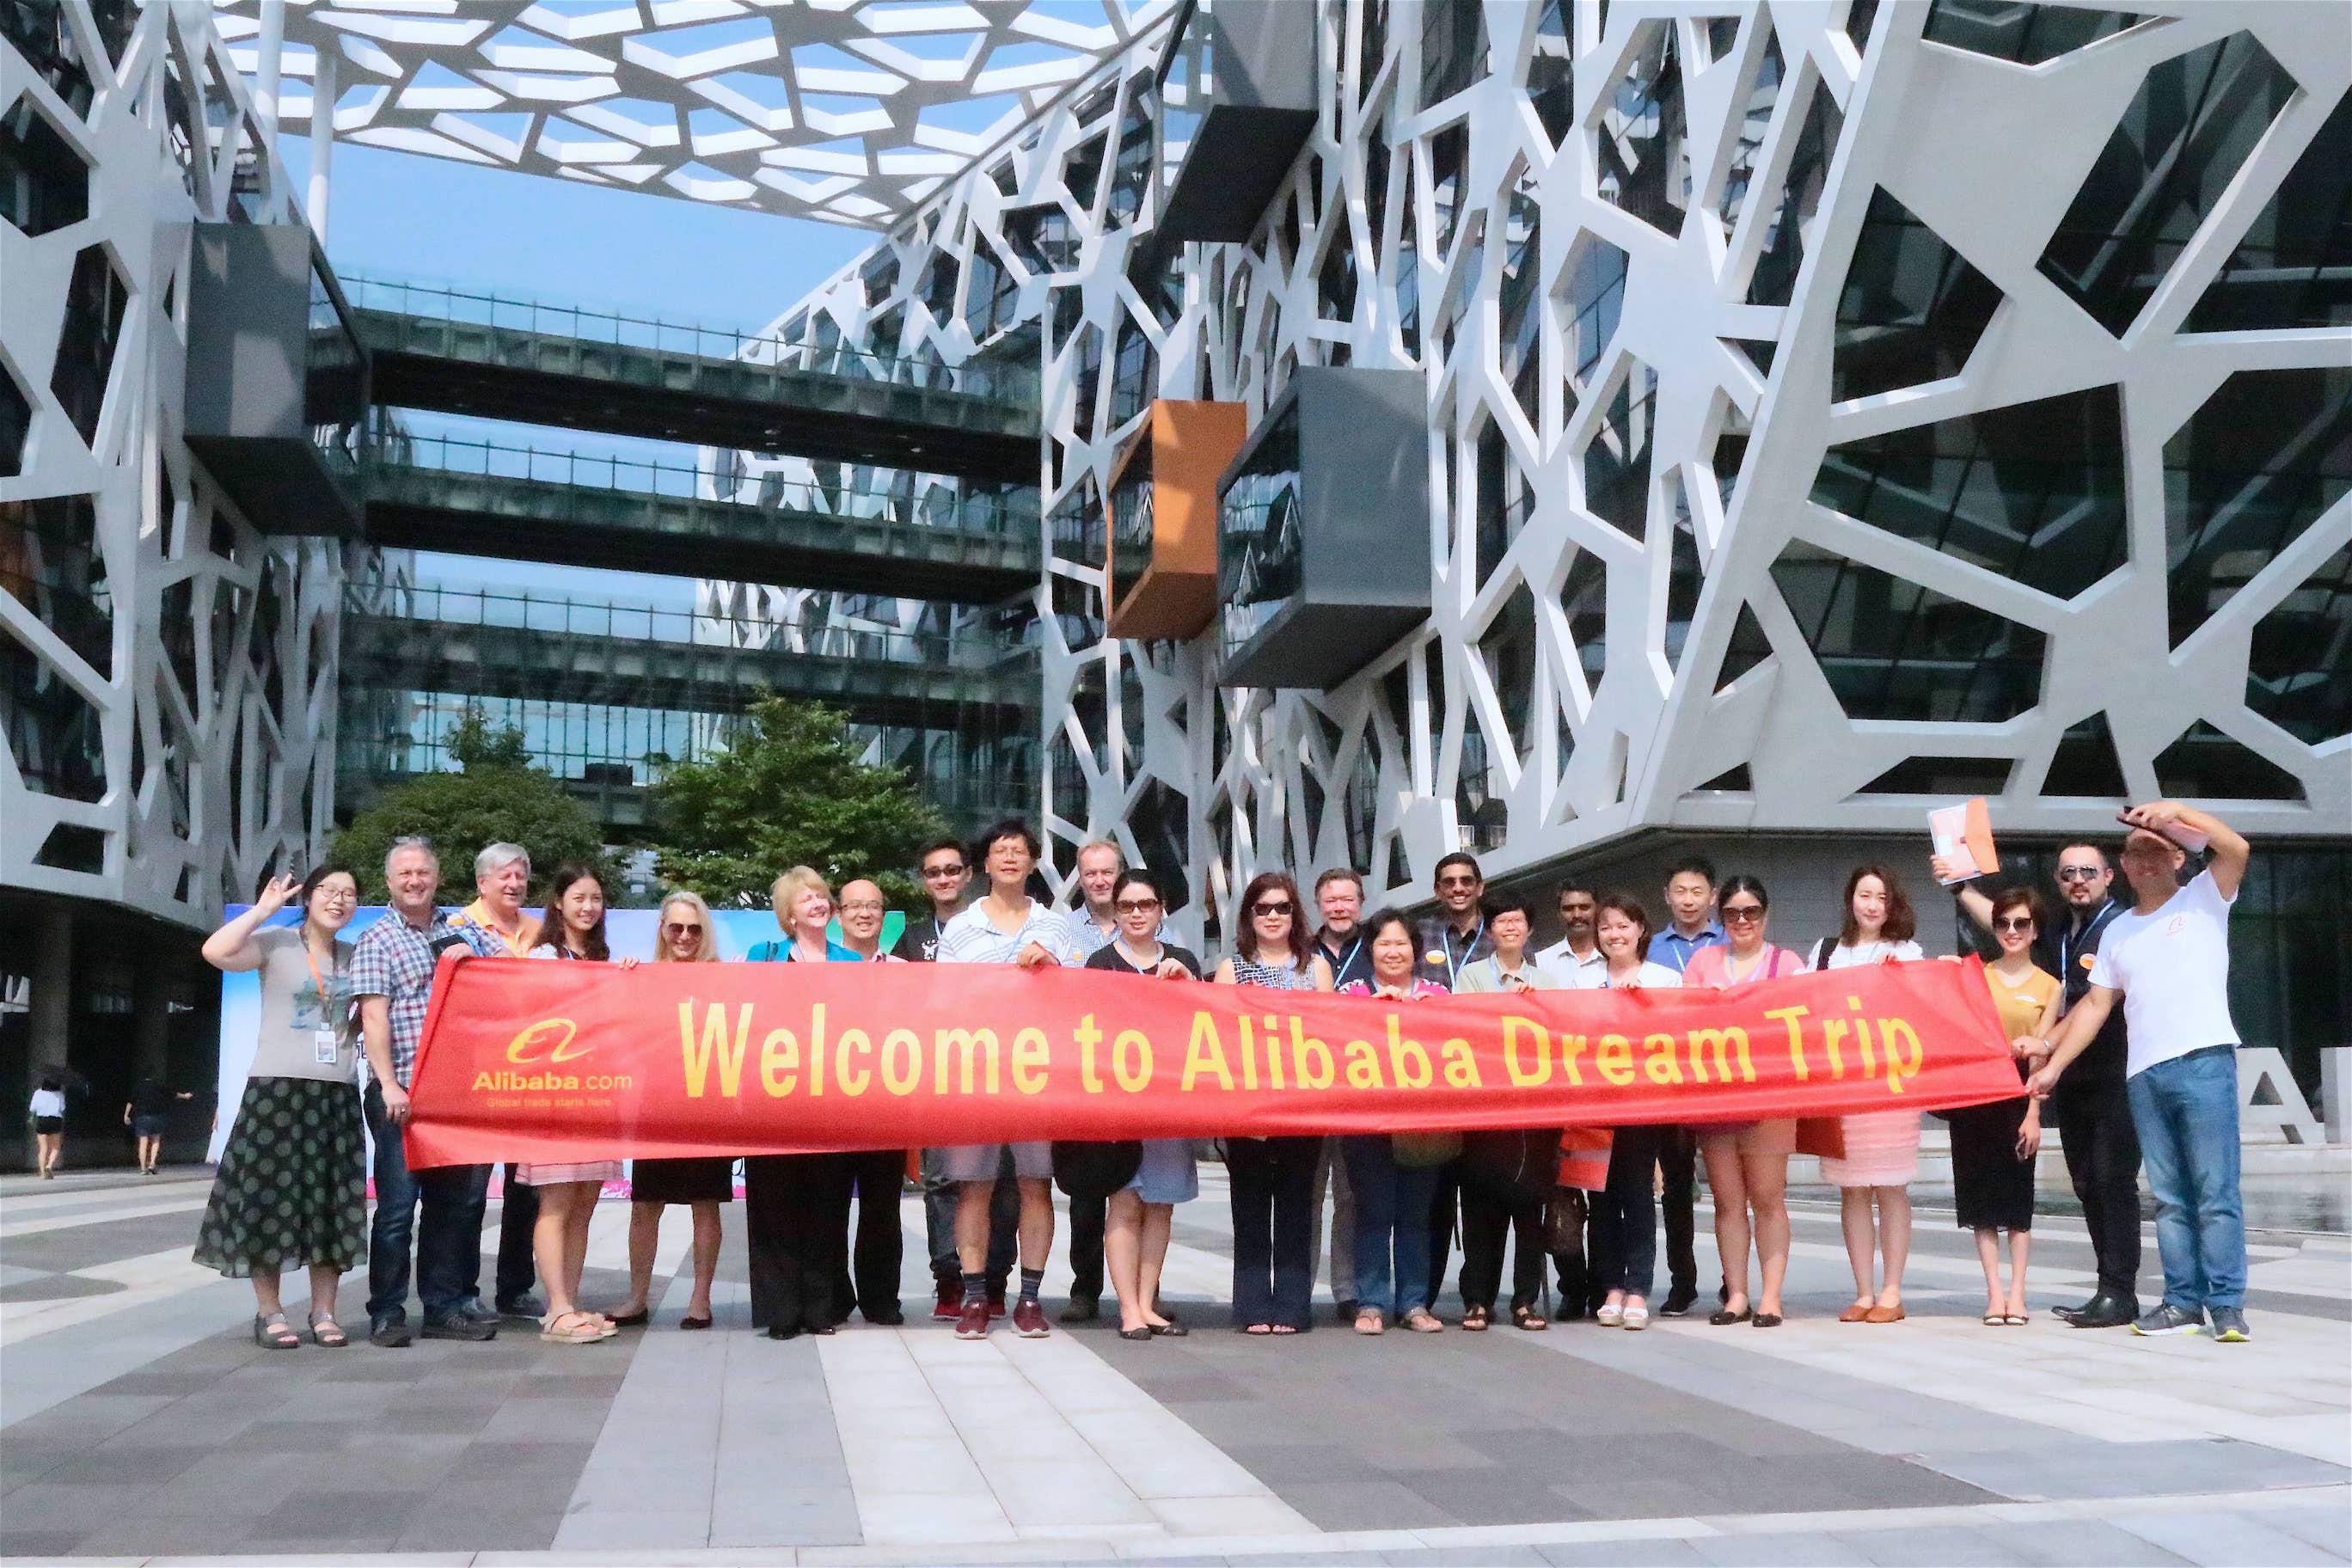 Alibaba Dream Trip